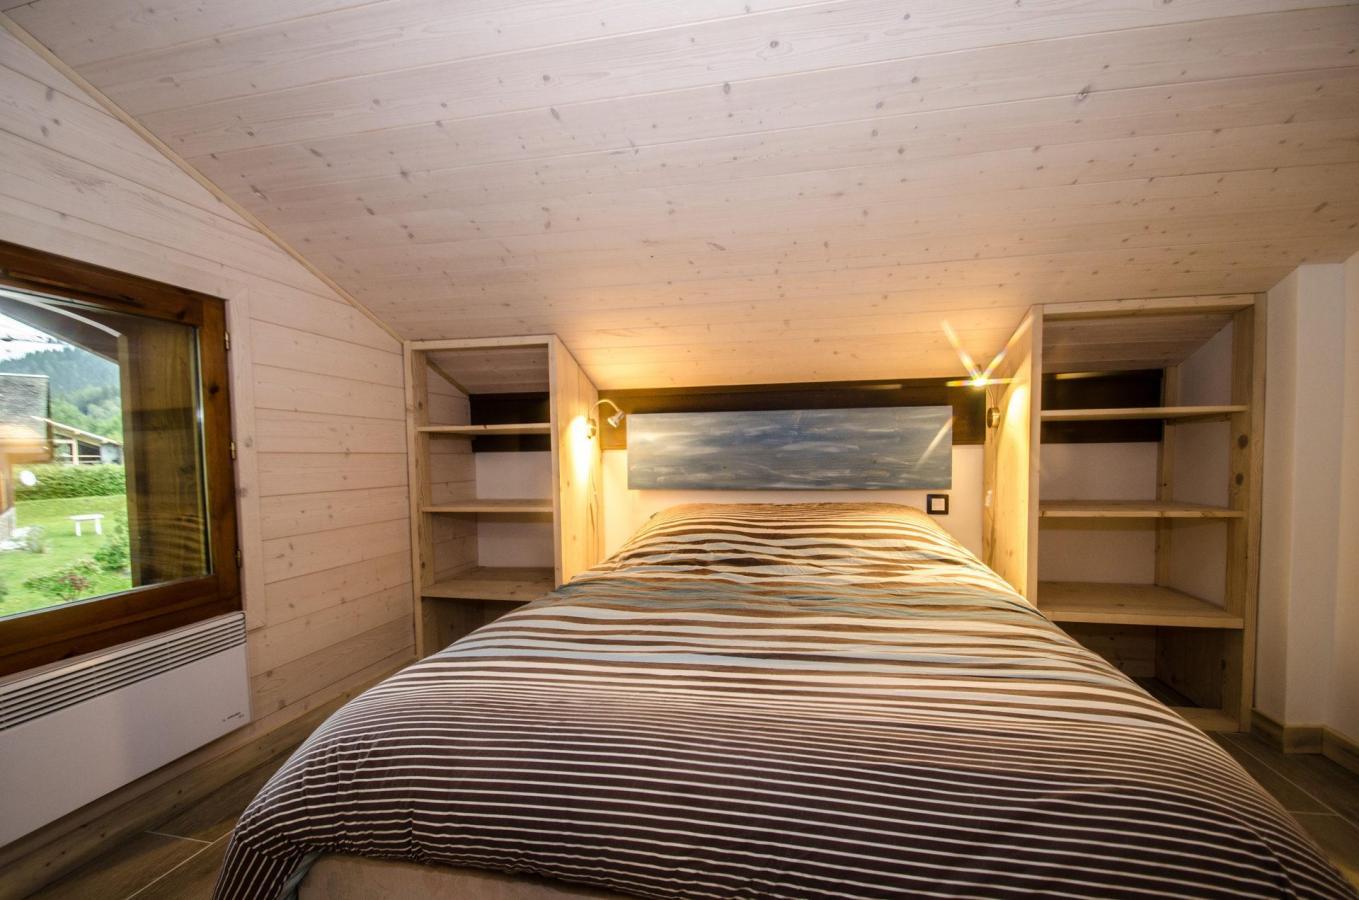 Location au ski Appartement 3 pièces 6 personnes (GOLF ) - Chalet Le Col Du Dome - Chamonix - Table